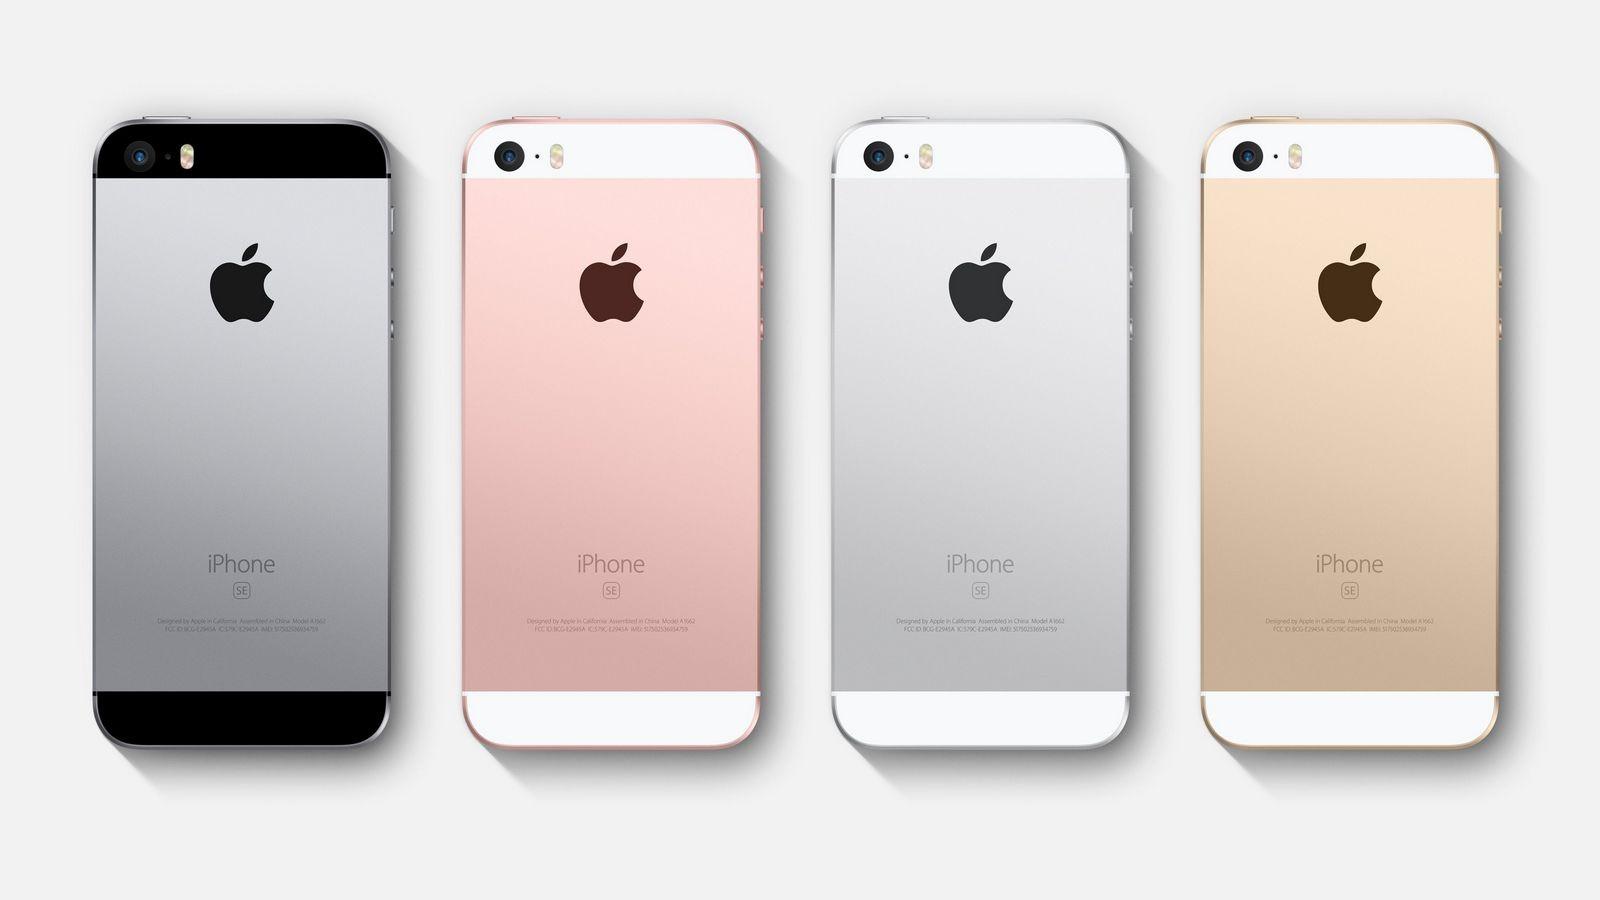 IPhoneSE следующей генерации будет представлен вначале весны  2016-го